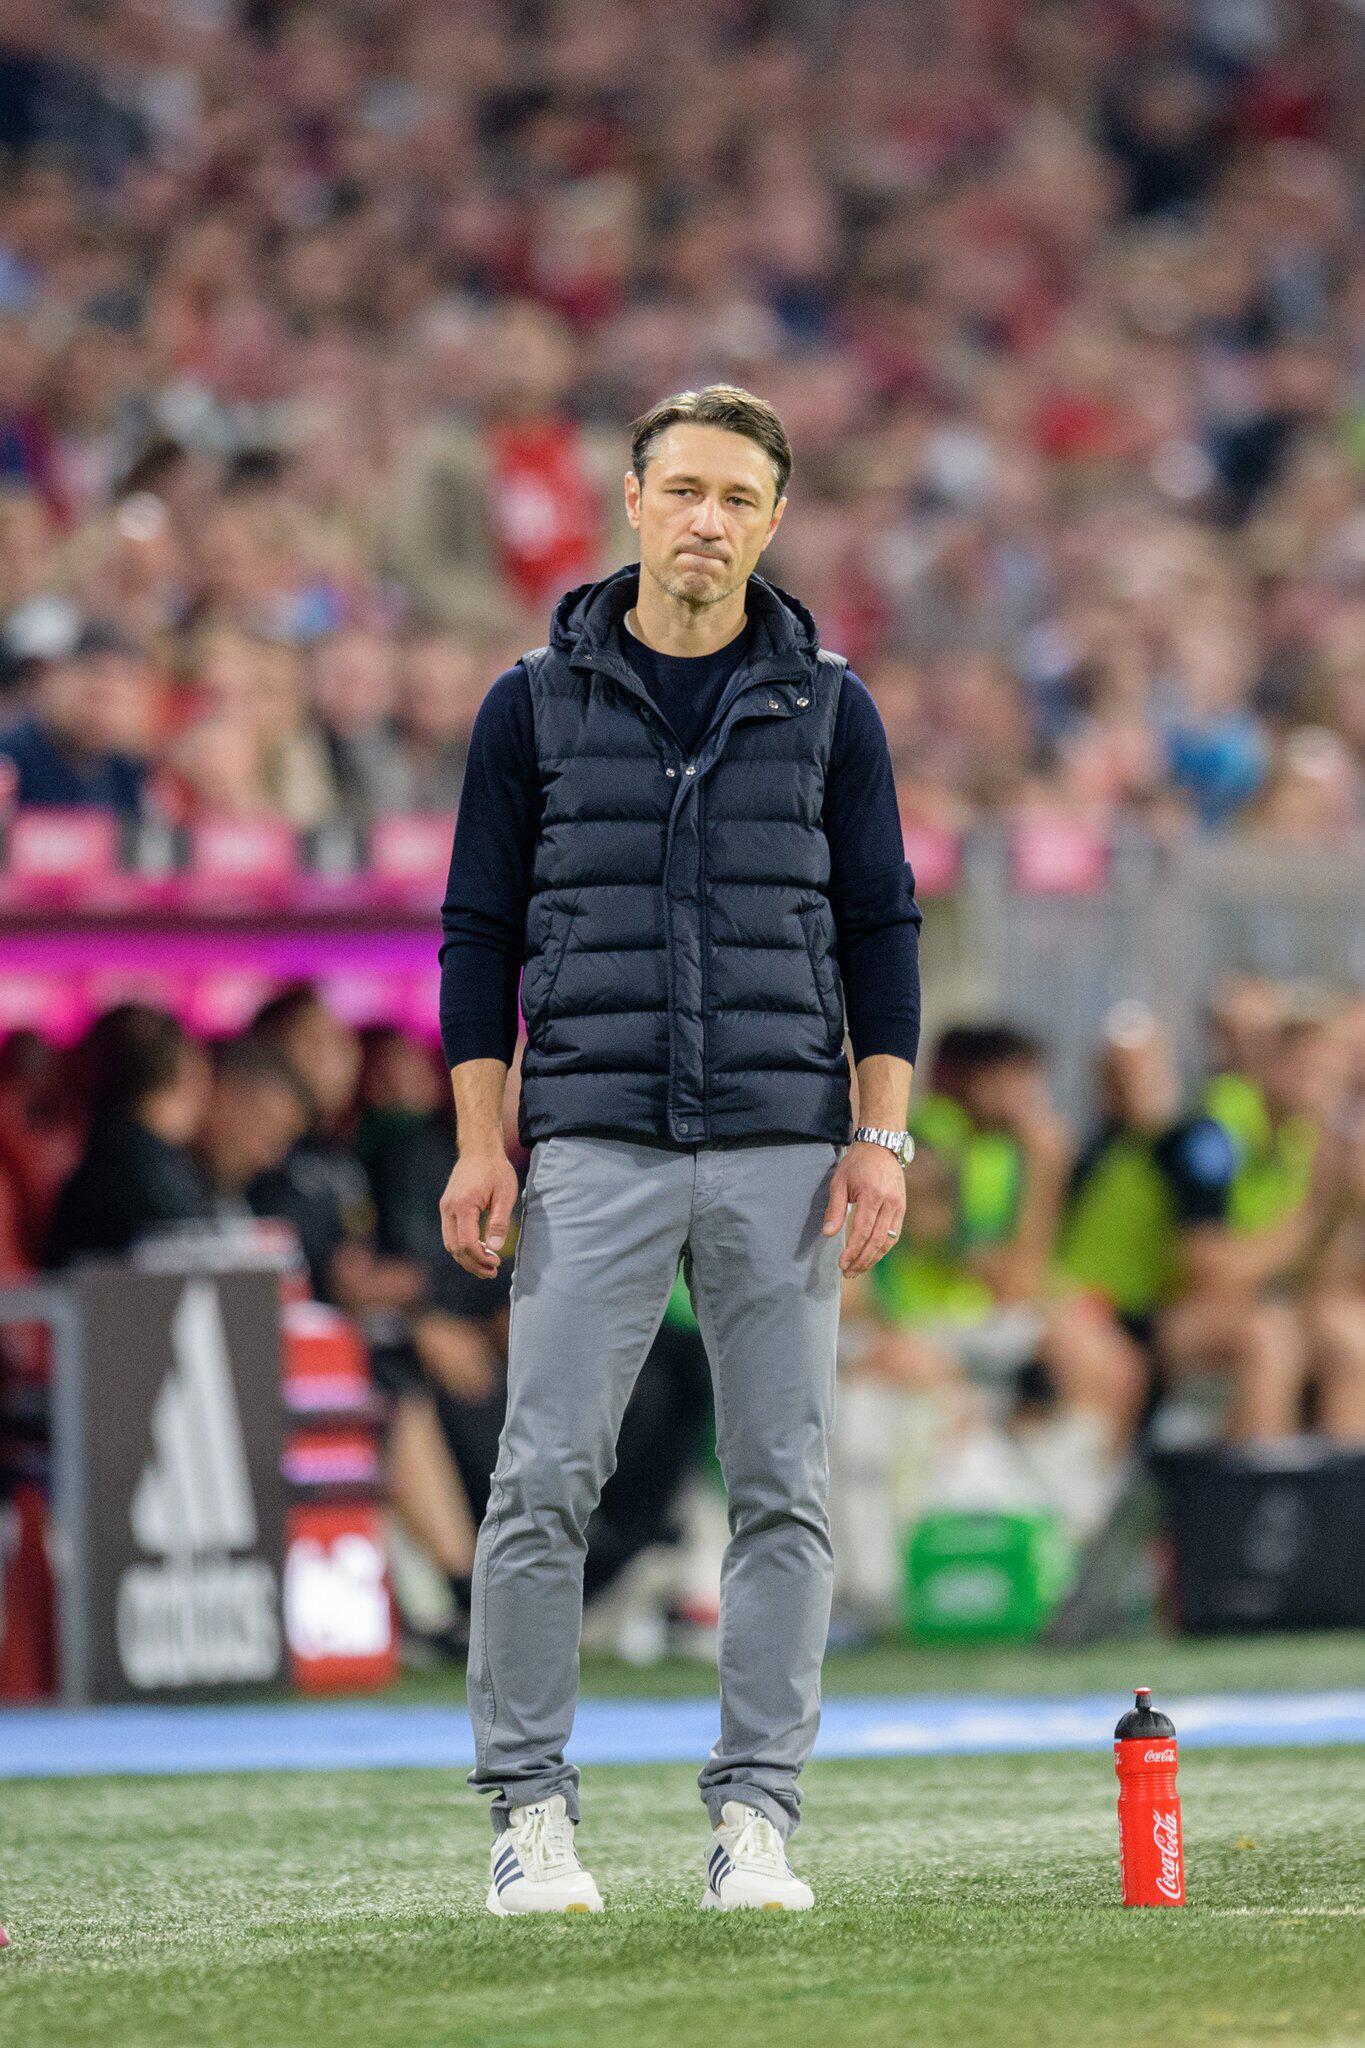 Bild zu Bayern München - Borussia Mönchengladbach, Bundesliga, Niko Kovac